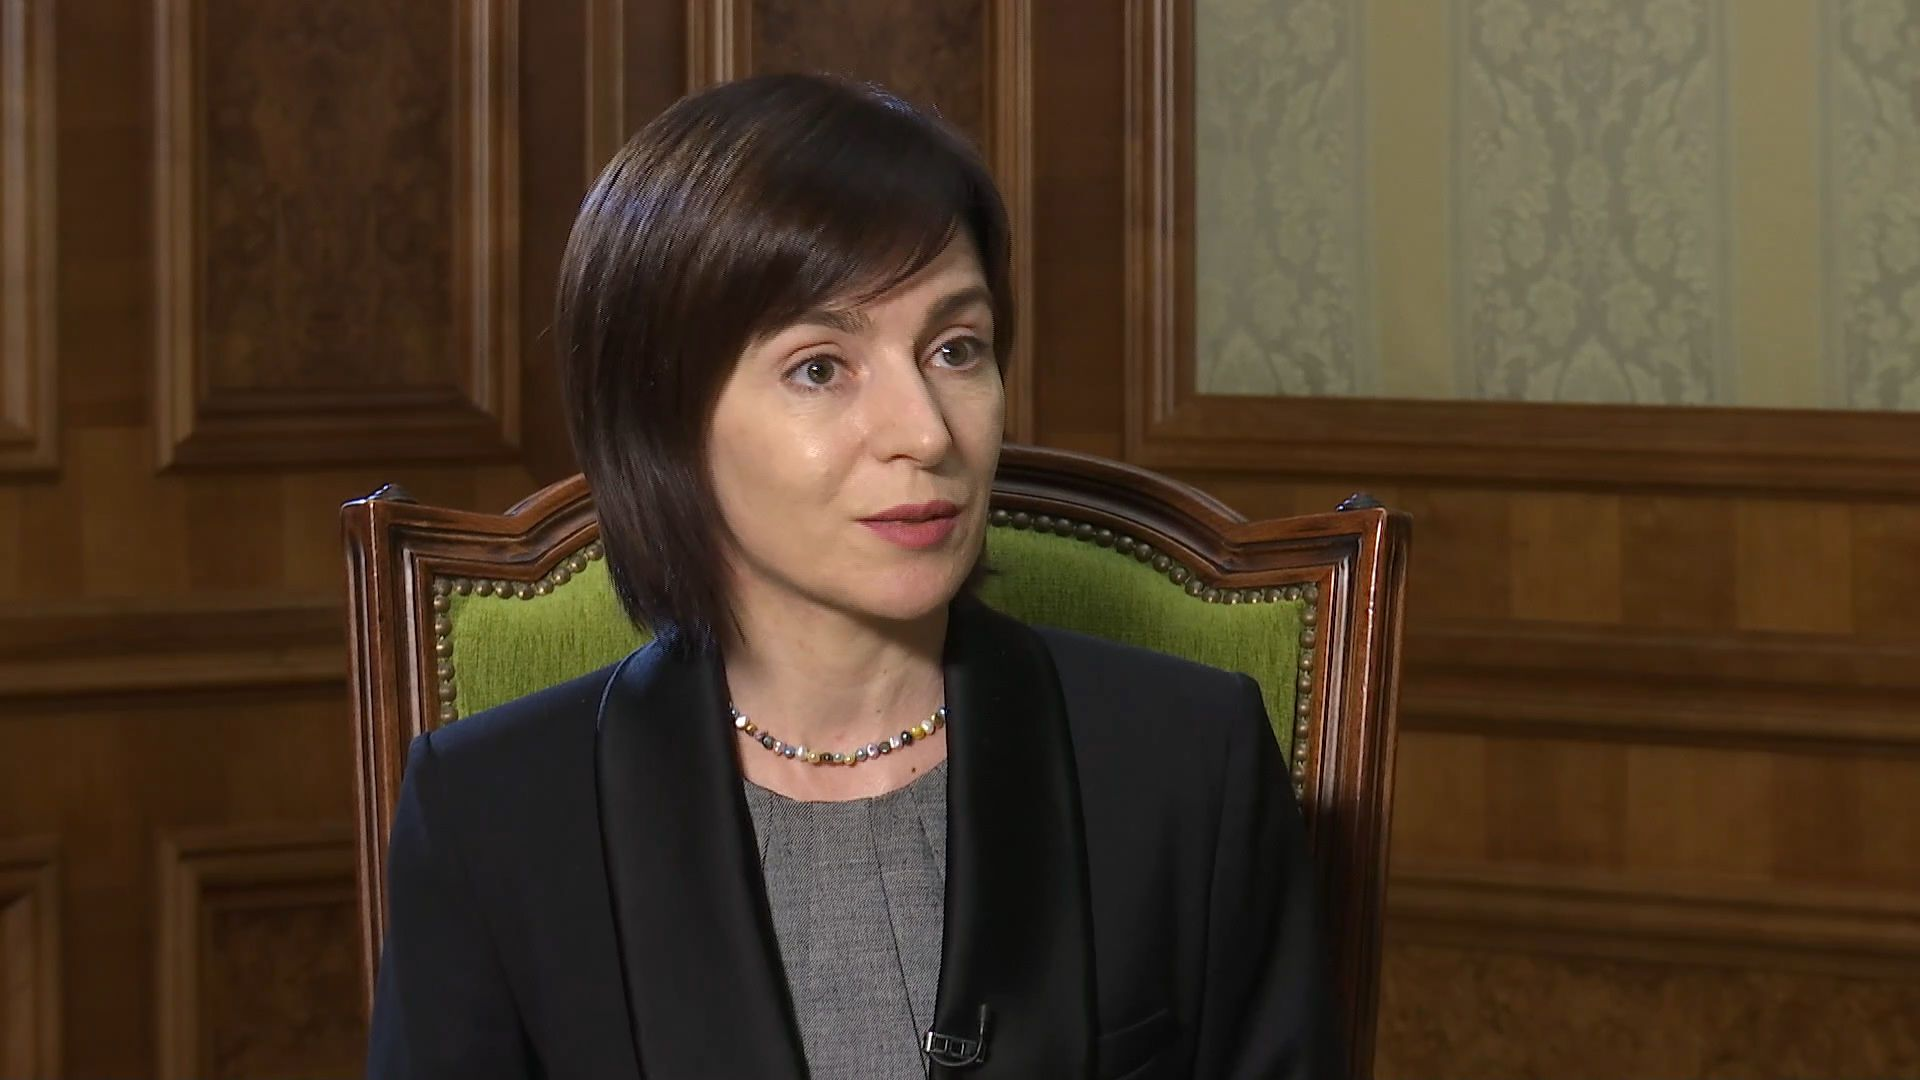 У Молдові вже співпрацюють з Україною щодо втечі з країни олігарха Плахотнюка